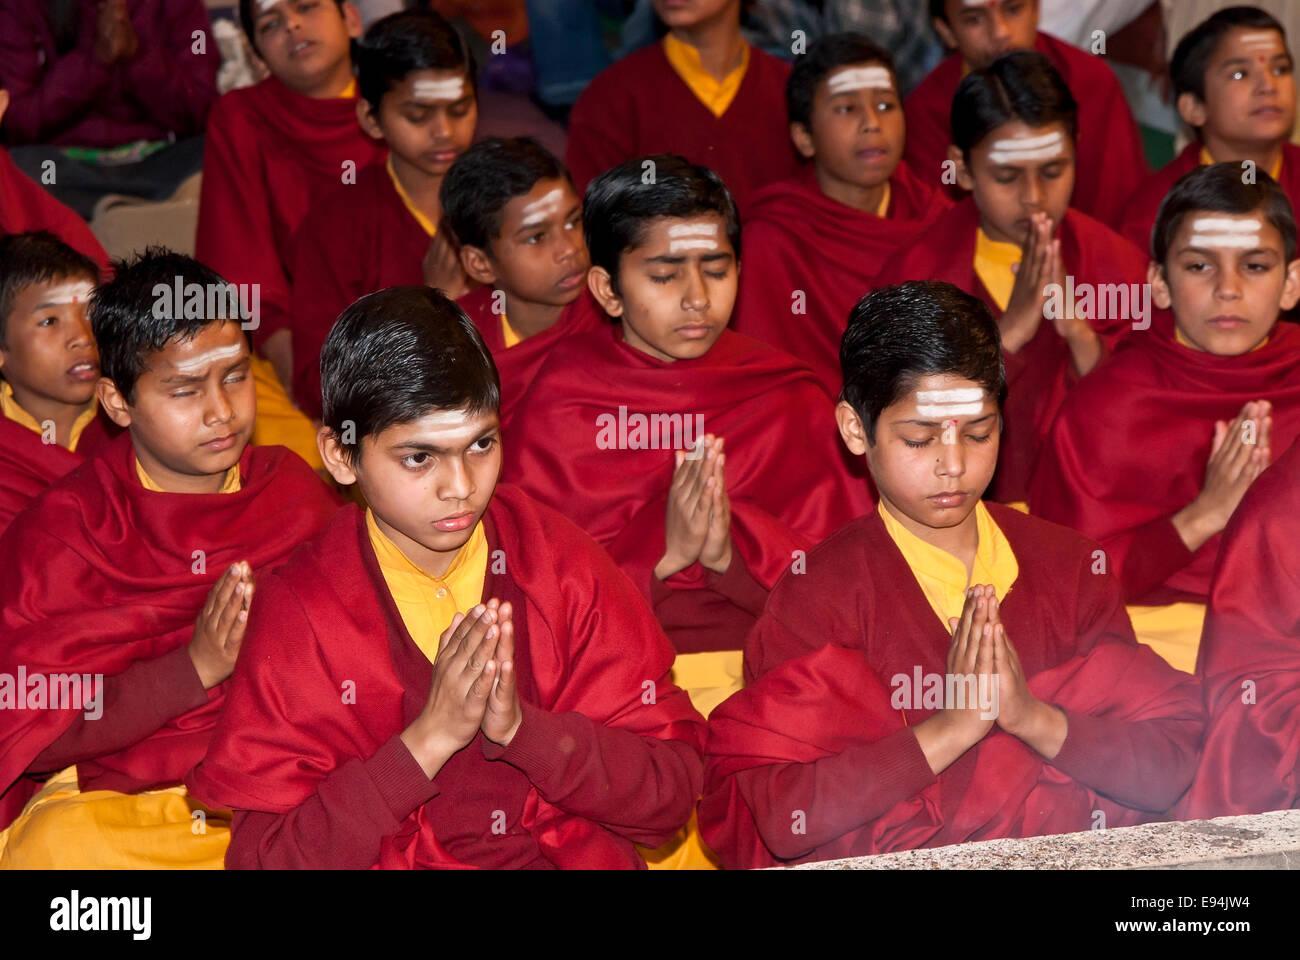 Jeunes moines prier durant une cérémonie religieuse, de l'Inde Photo Stock